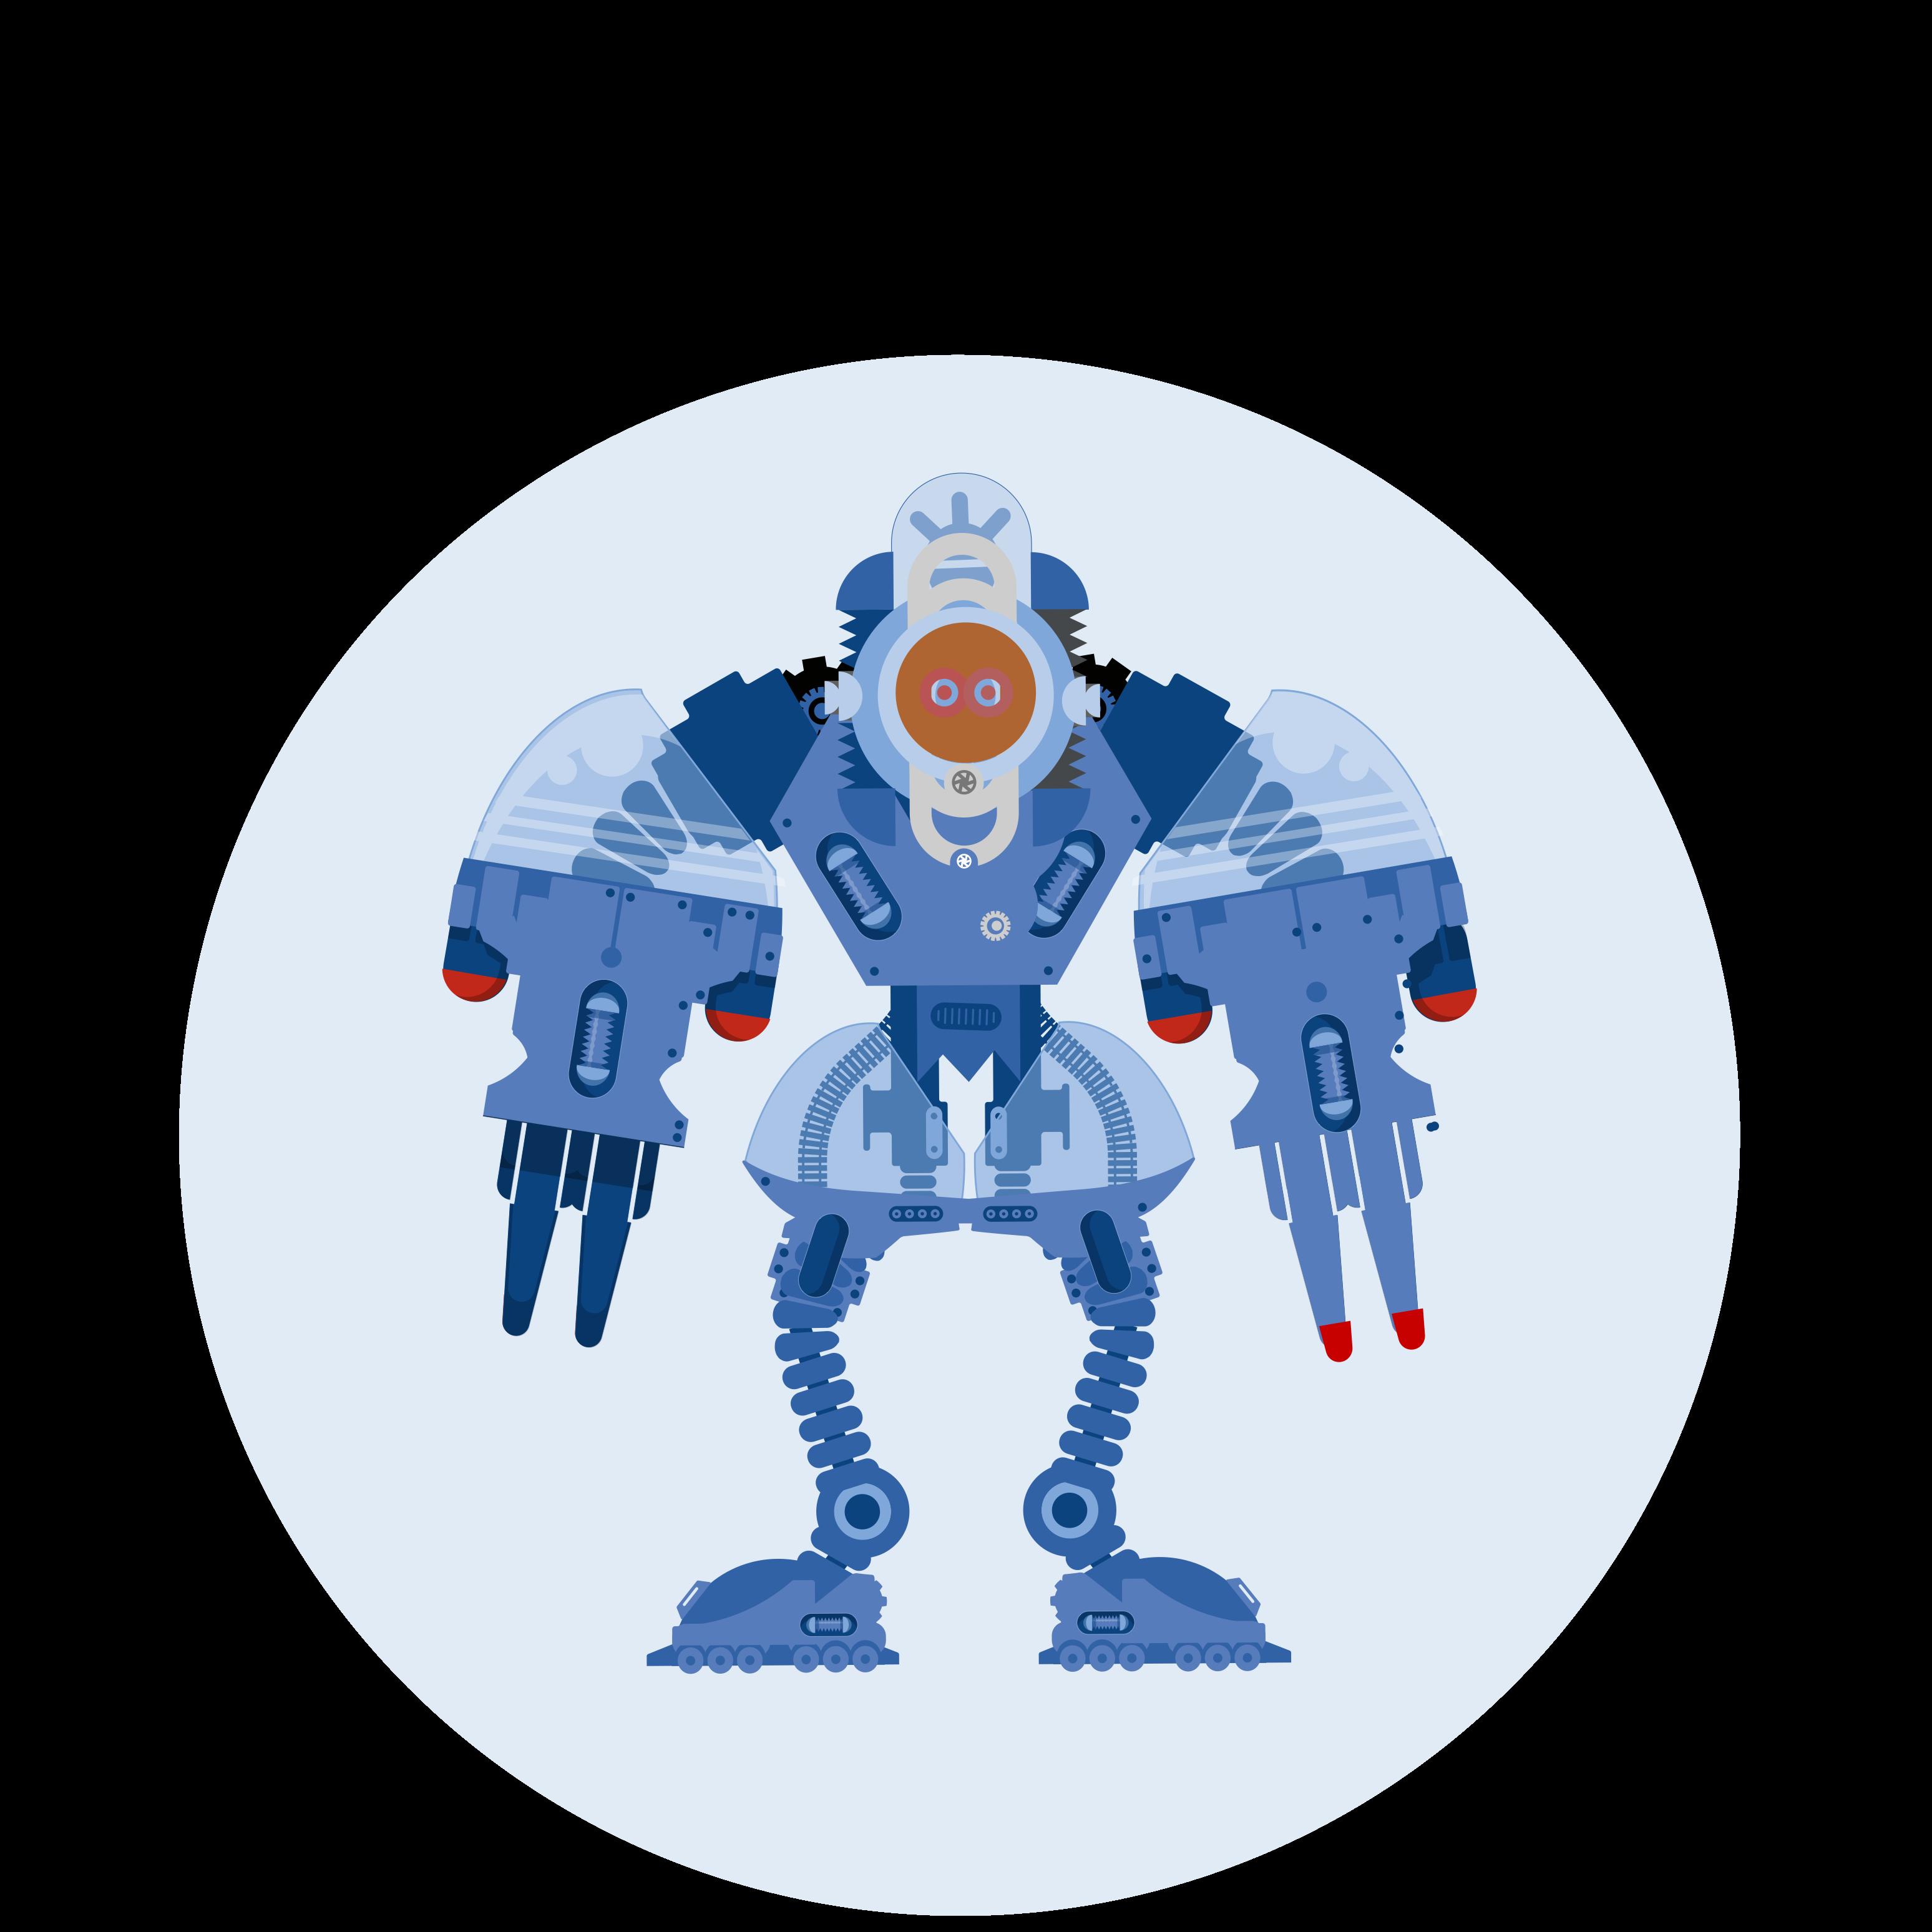 MICS CABG - Robotic